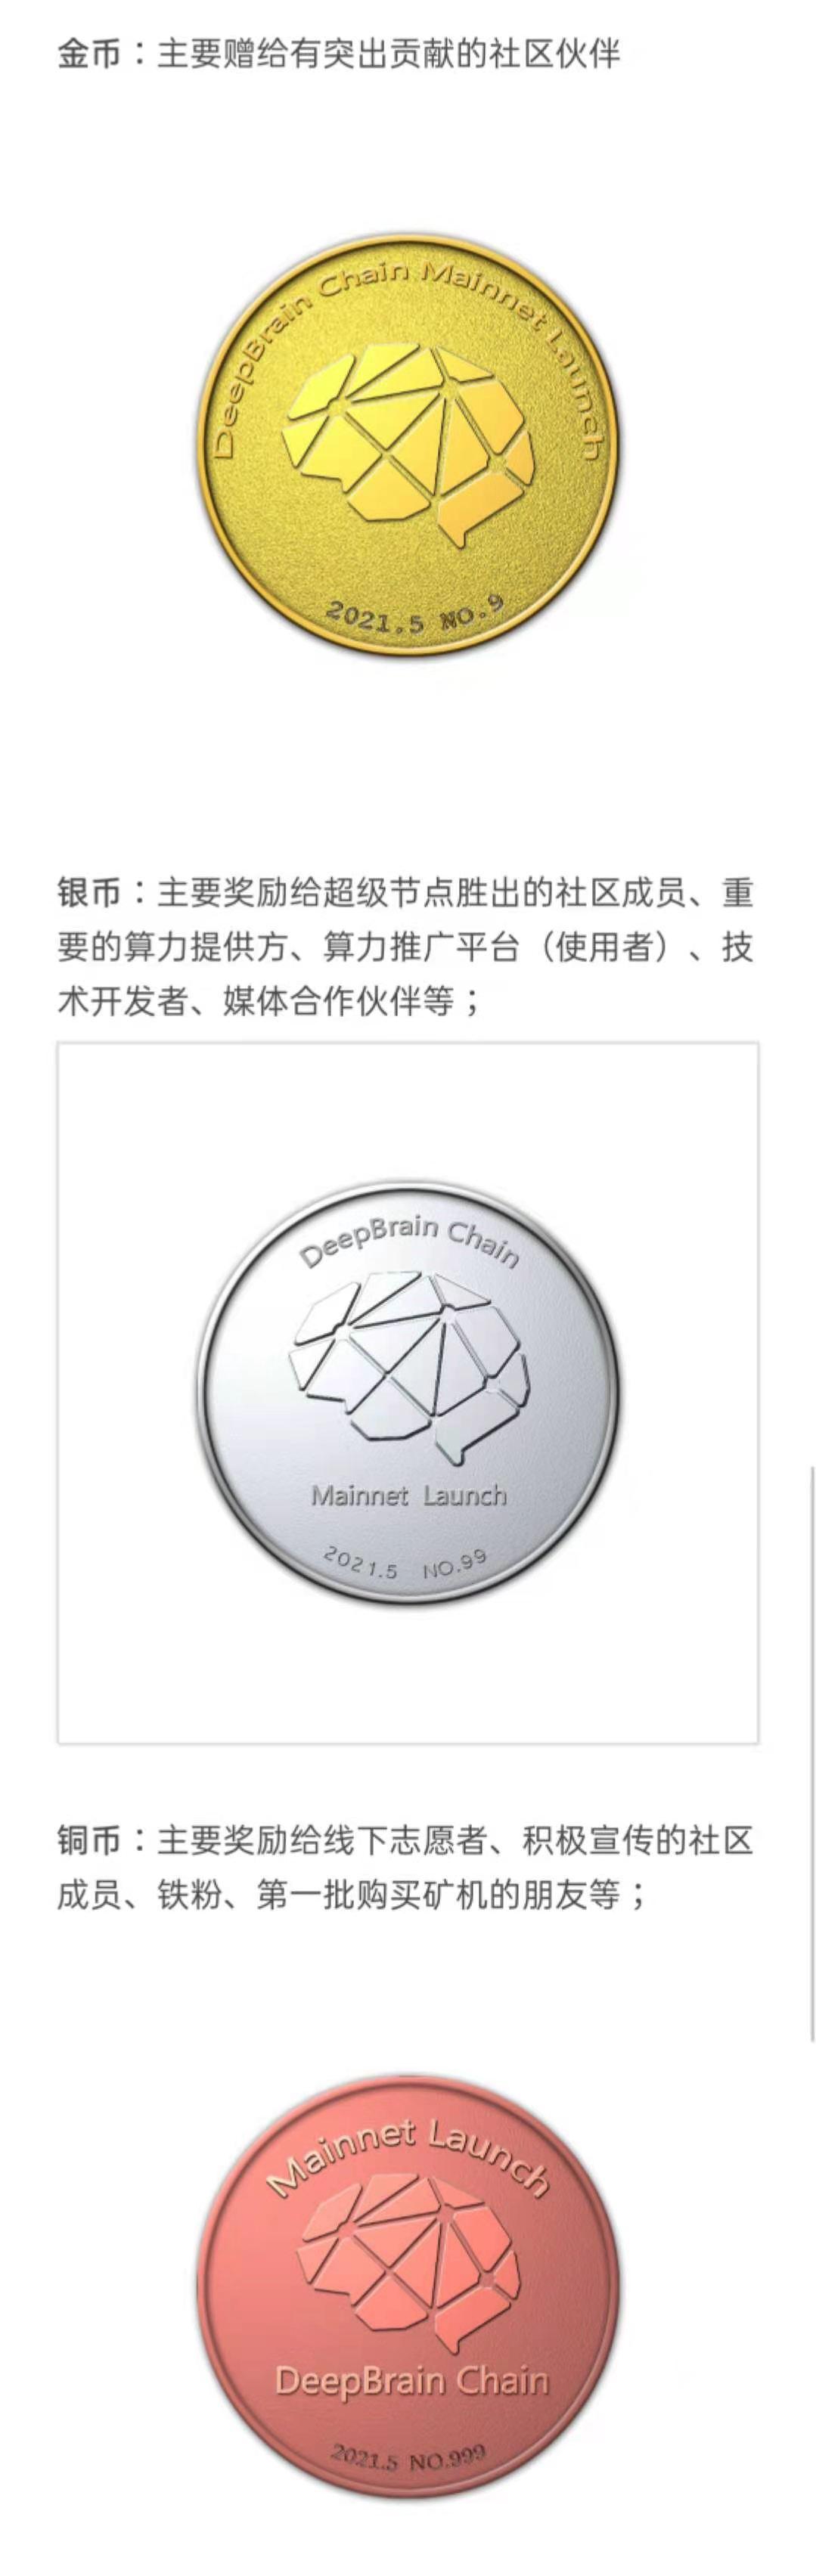 为迎接主网上线,深脑链(DBC)铸造NFT纪念币免费赠予社区